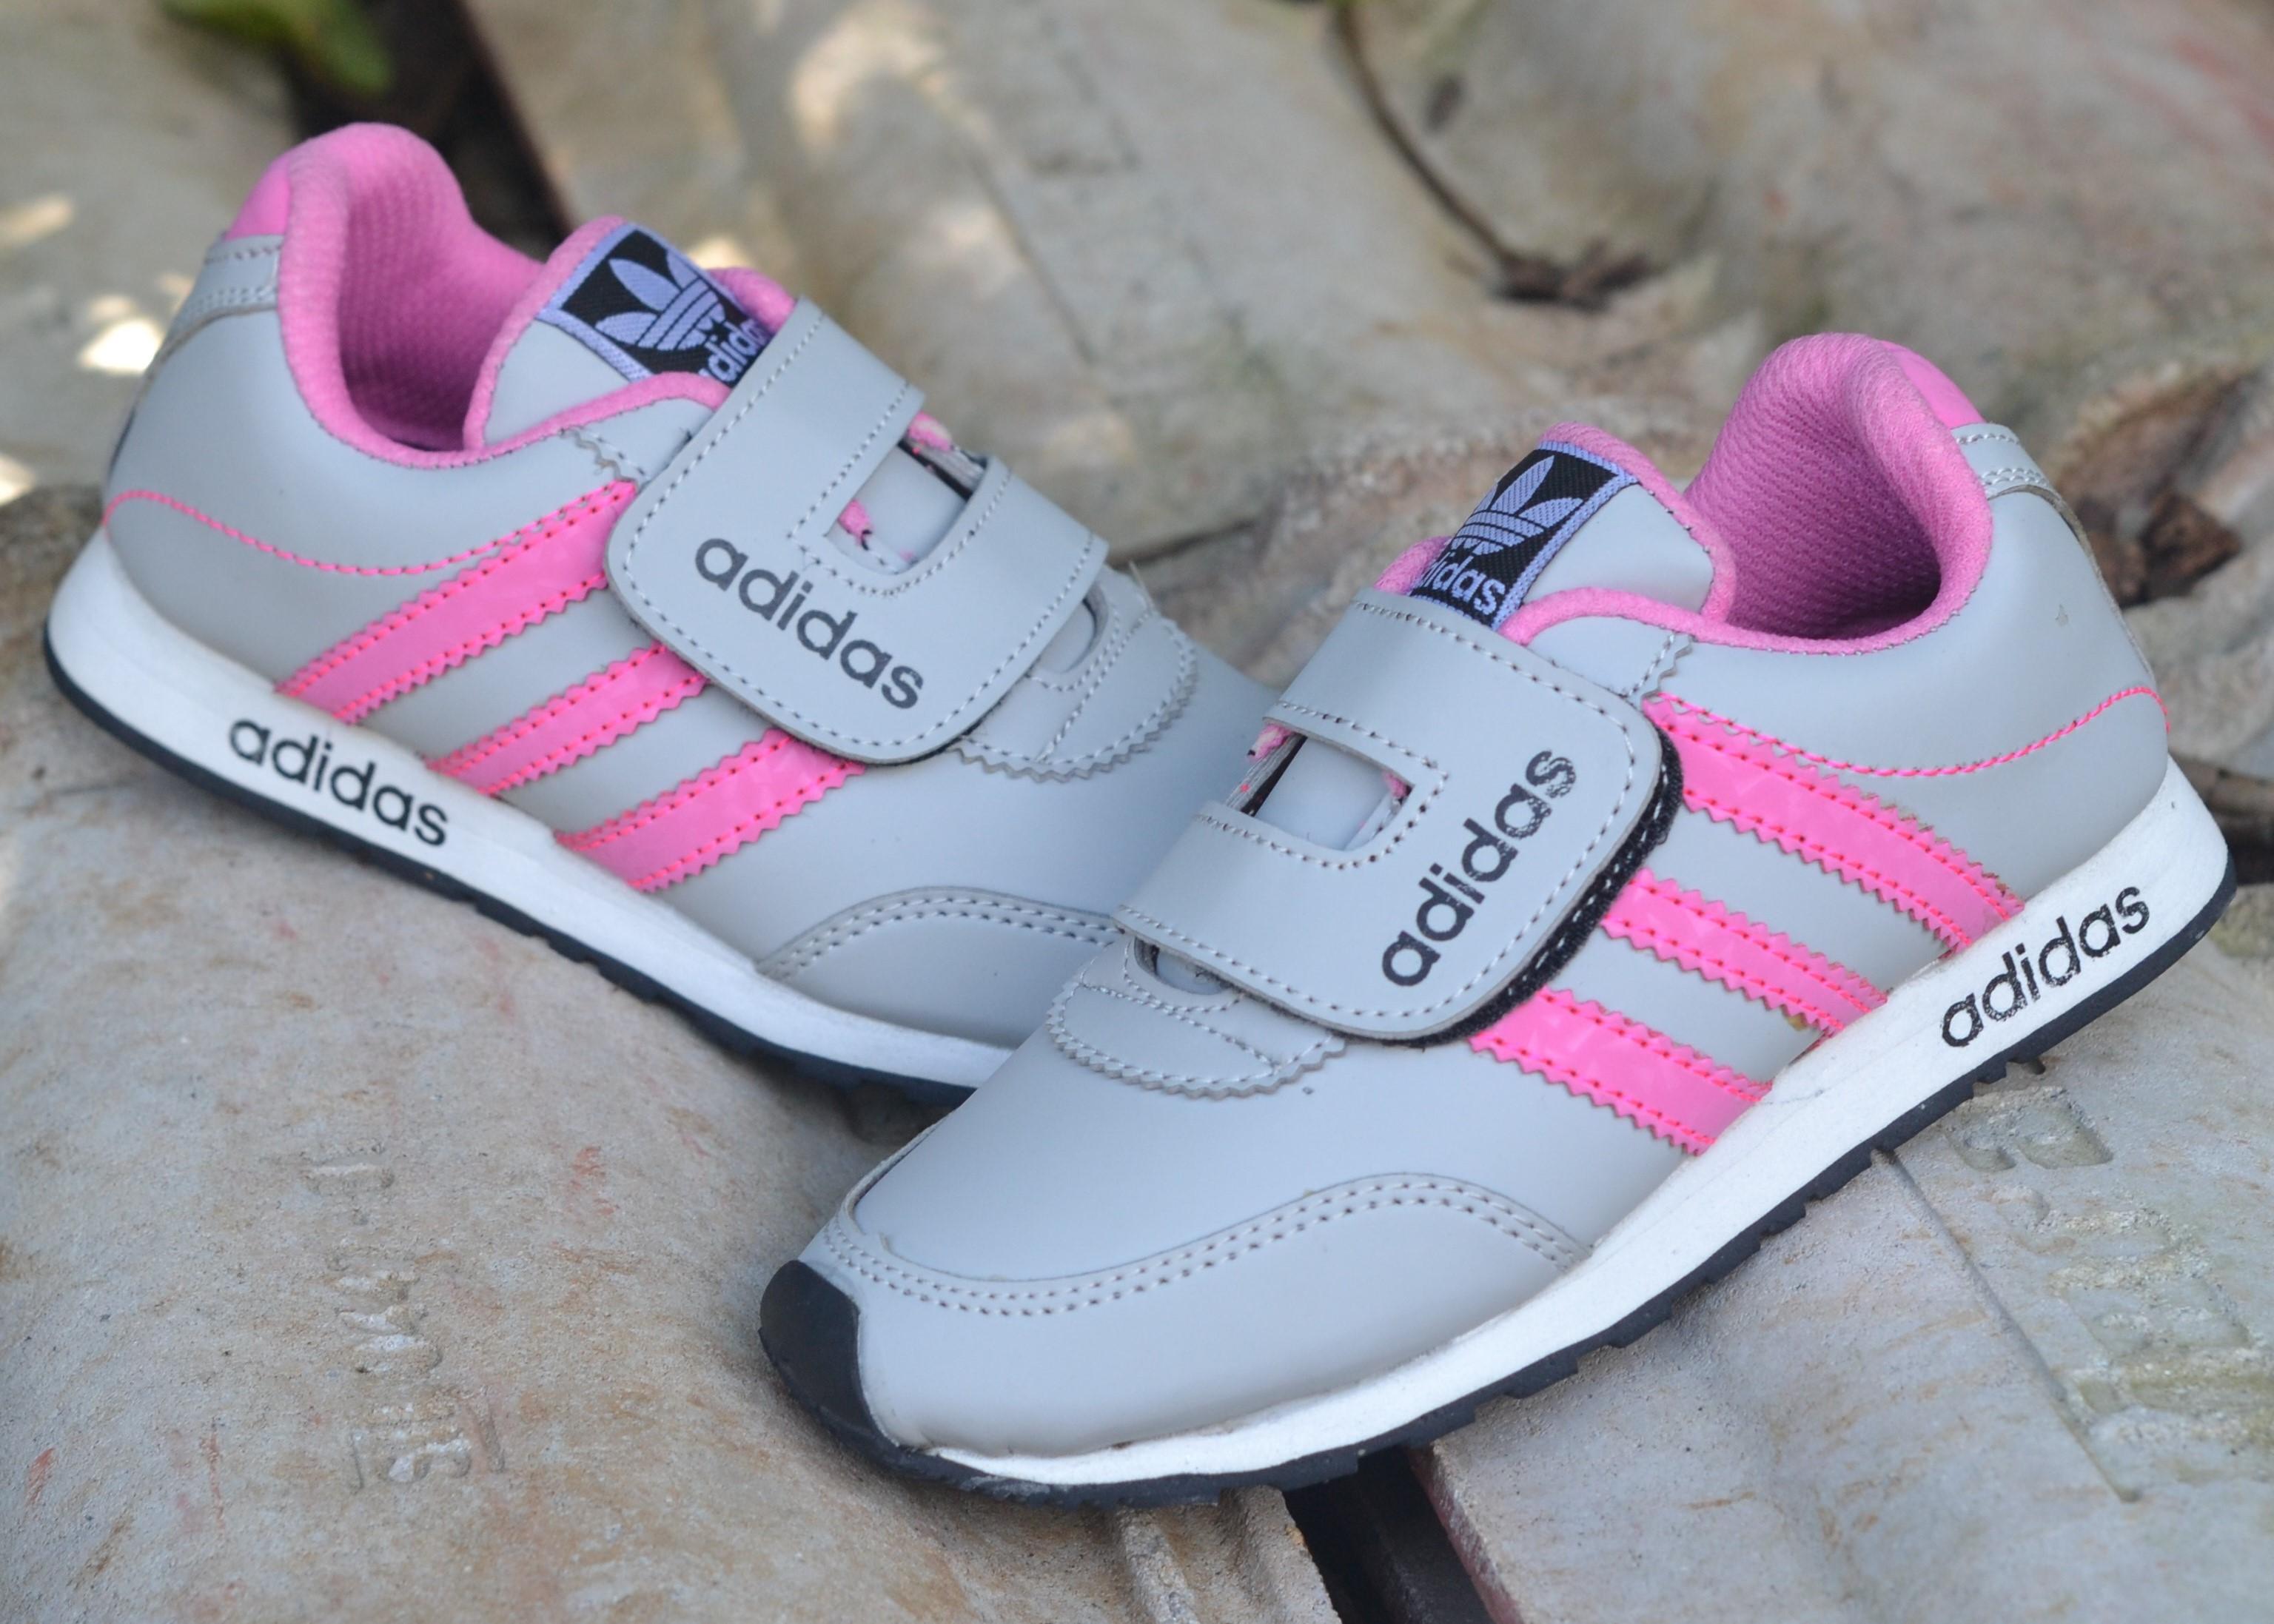 Sepatu Sneakers Anak adidaz Running Sekolah Casual Laki Laki Dan ...